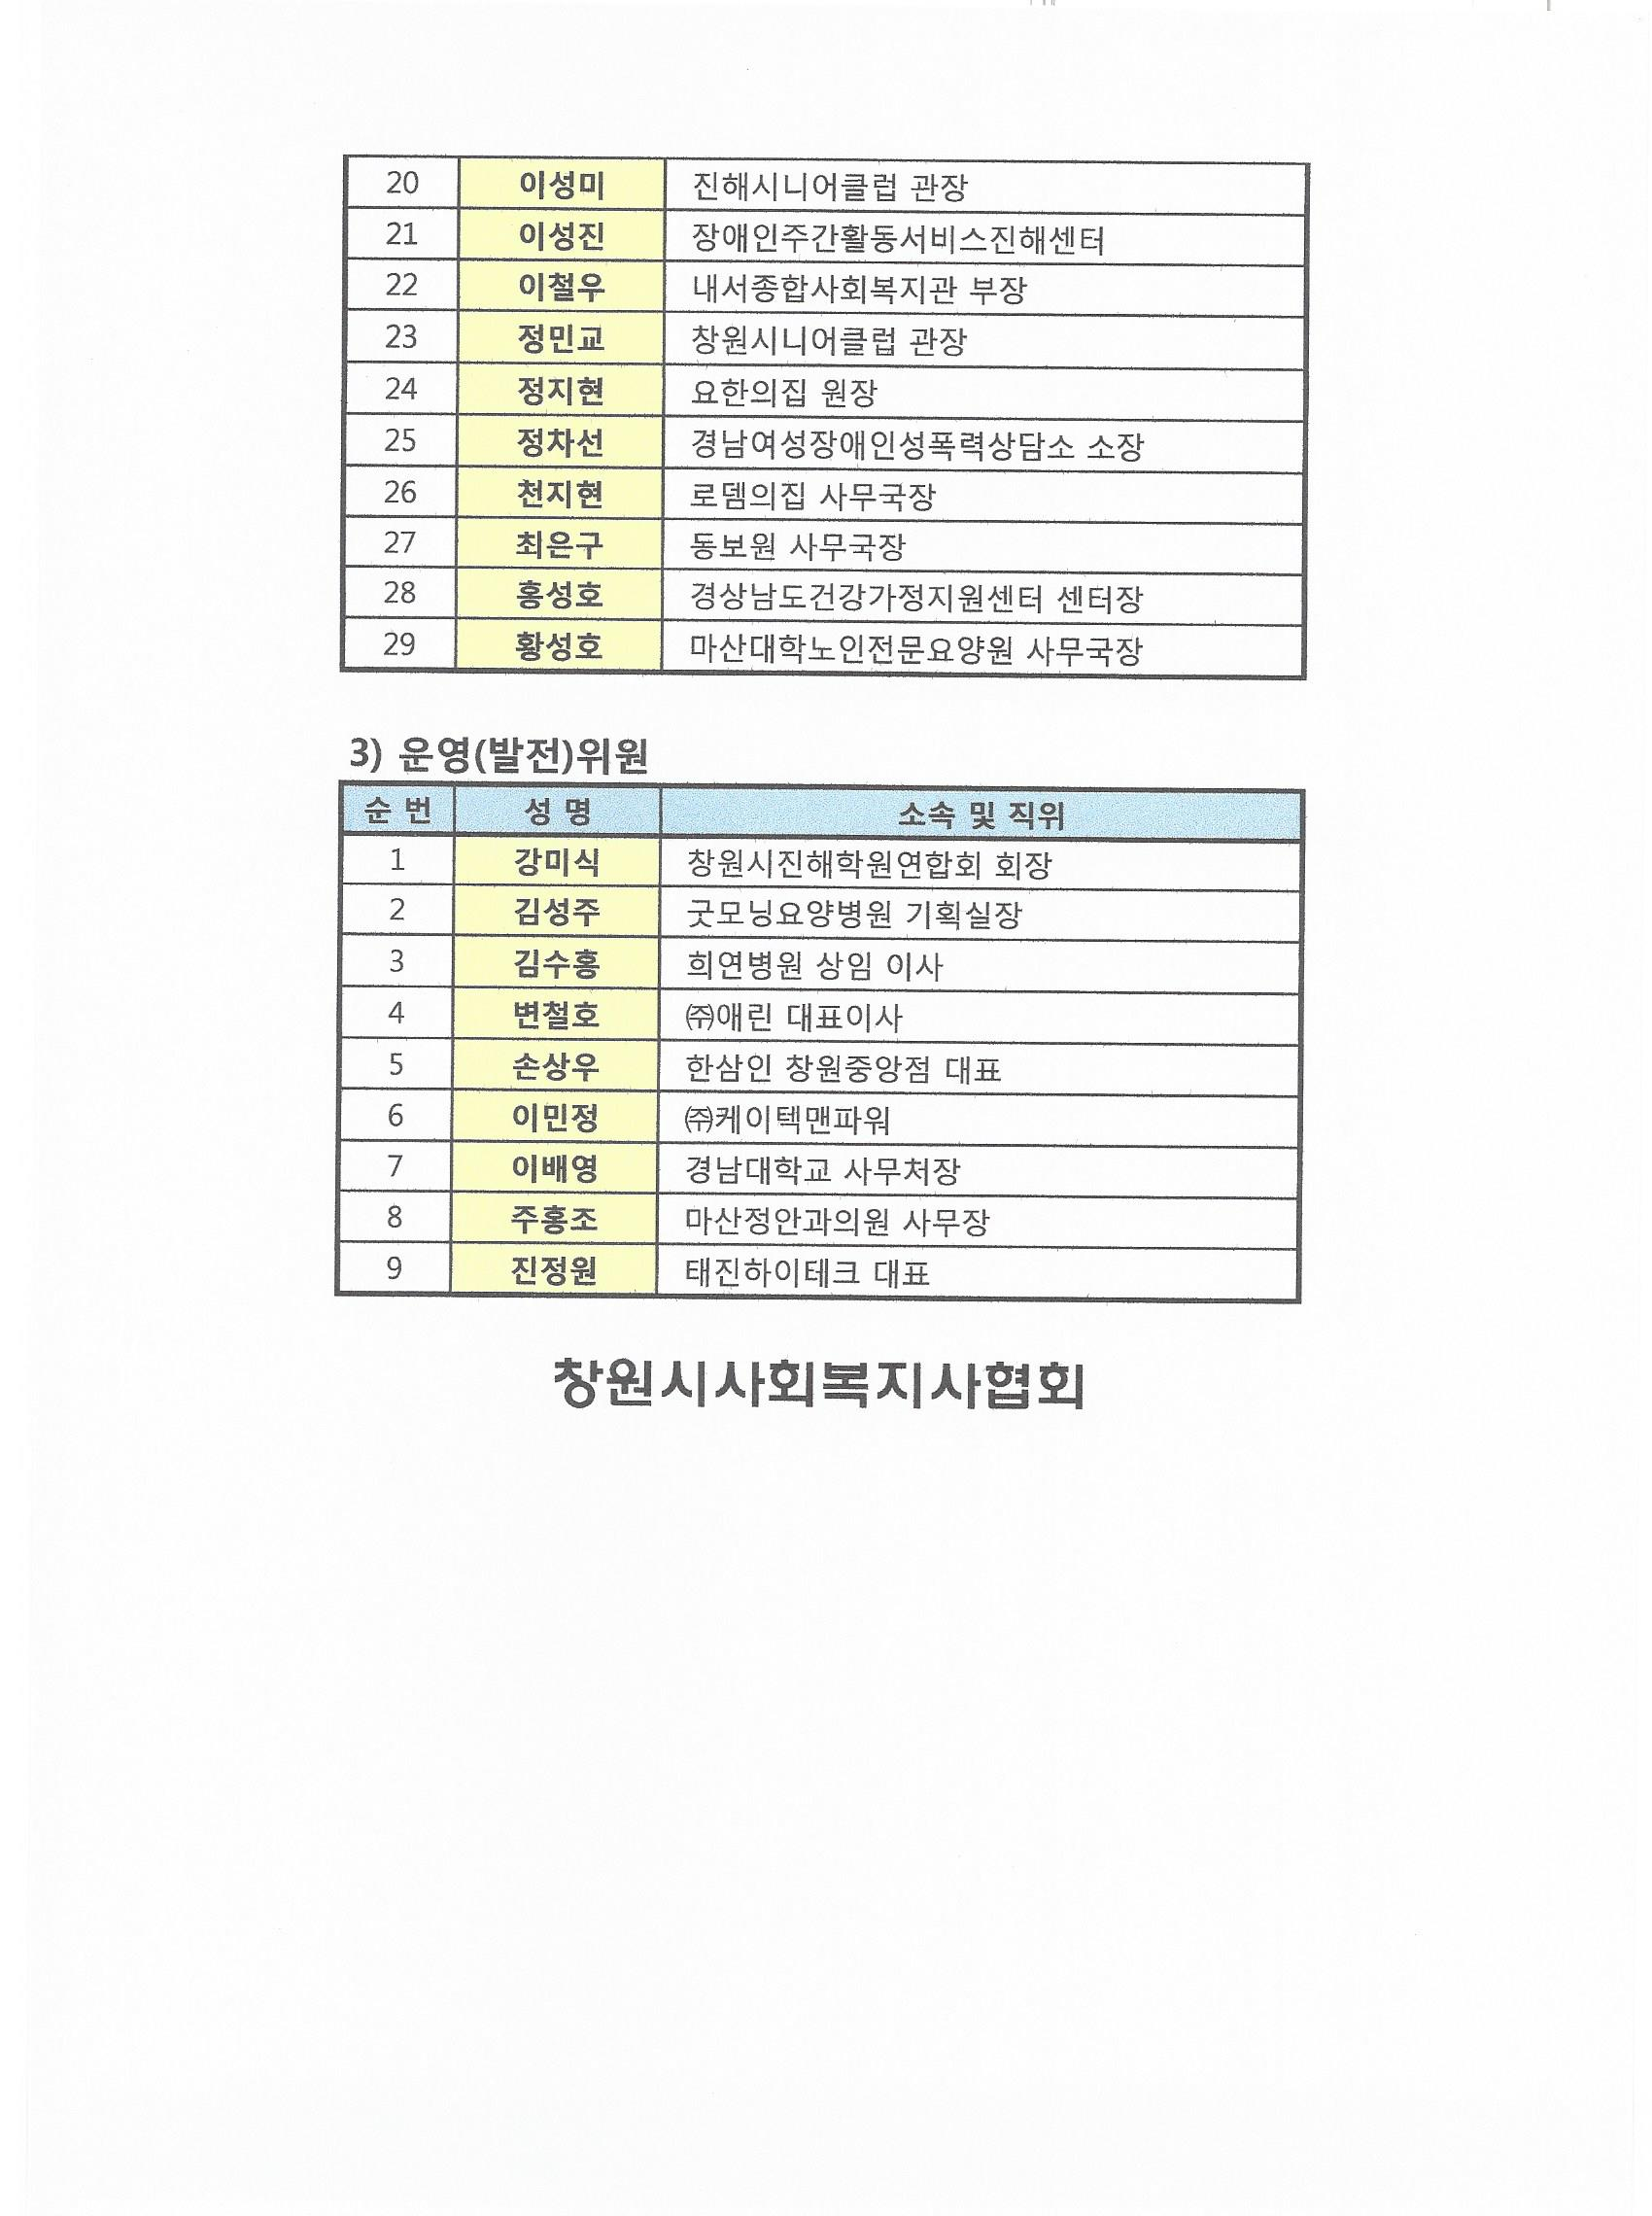 창사협 임시총회 개최 안내0003.jpg